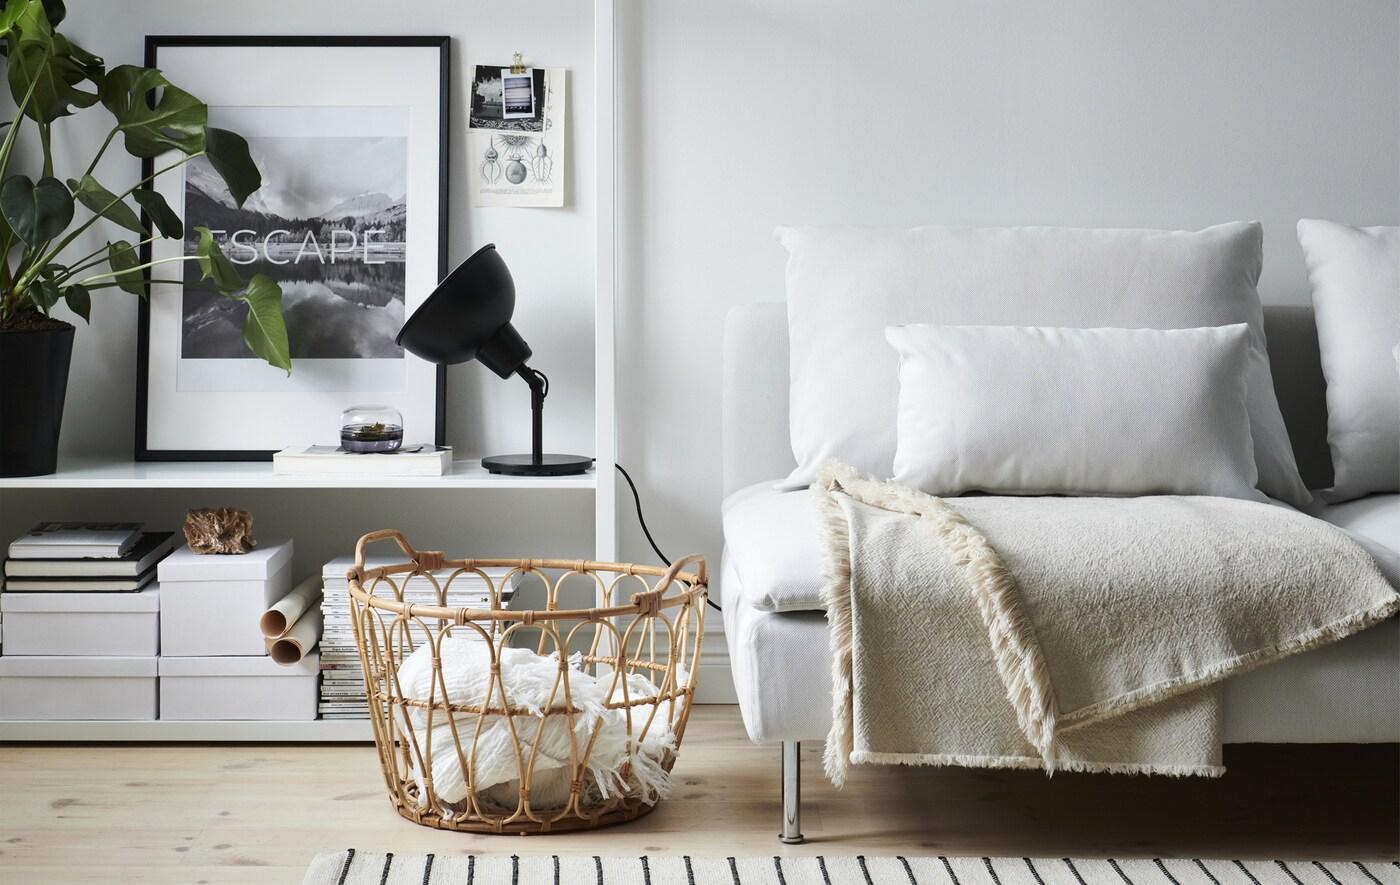 Dnevna soba s belom sofom, crnom lampom, otvorenim elementom za odlaganje i korpom od pruća punom tankih ćebića.